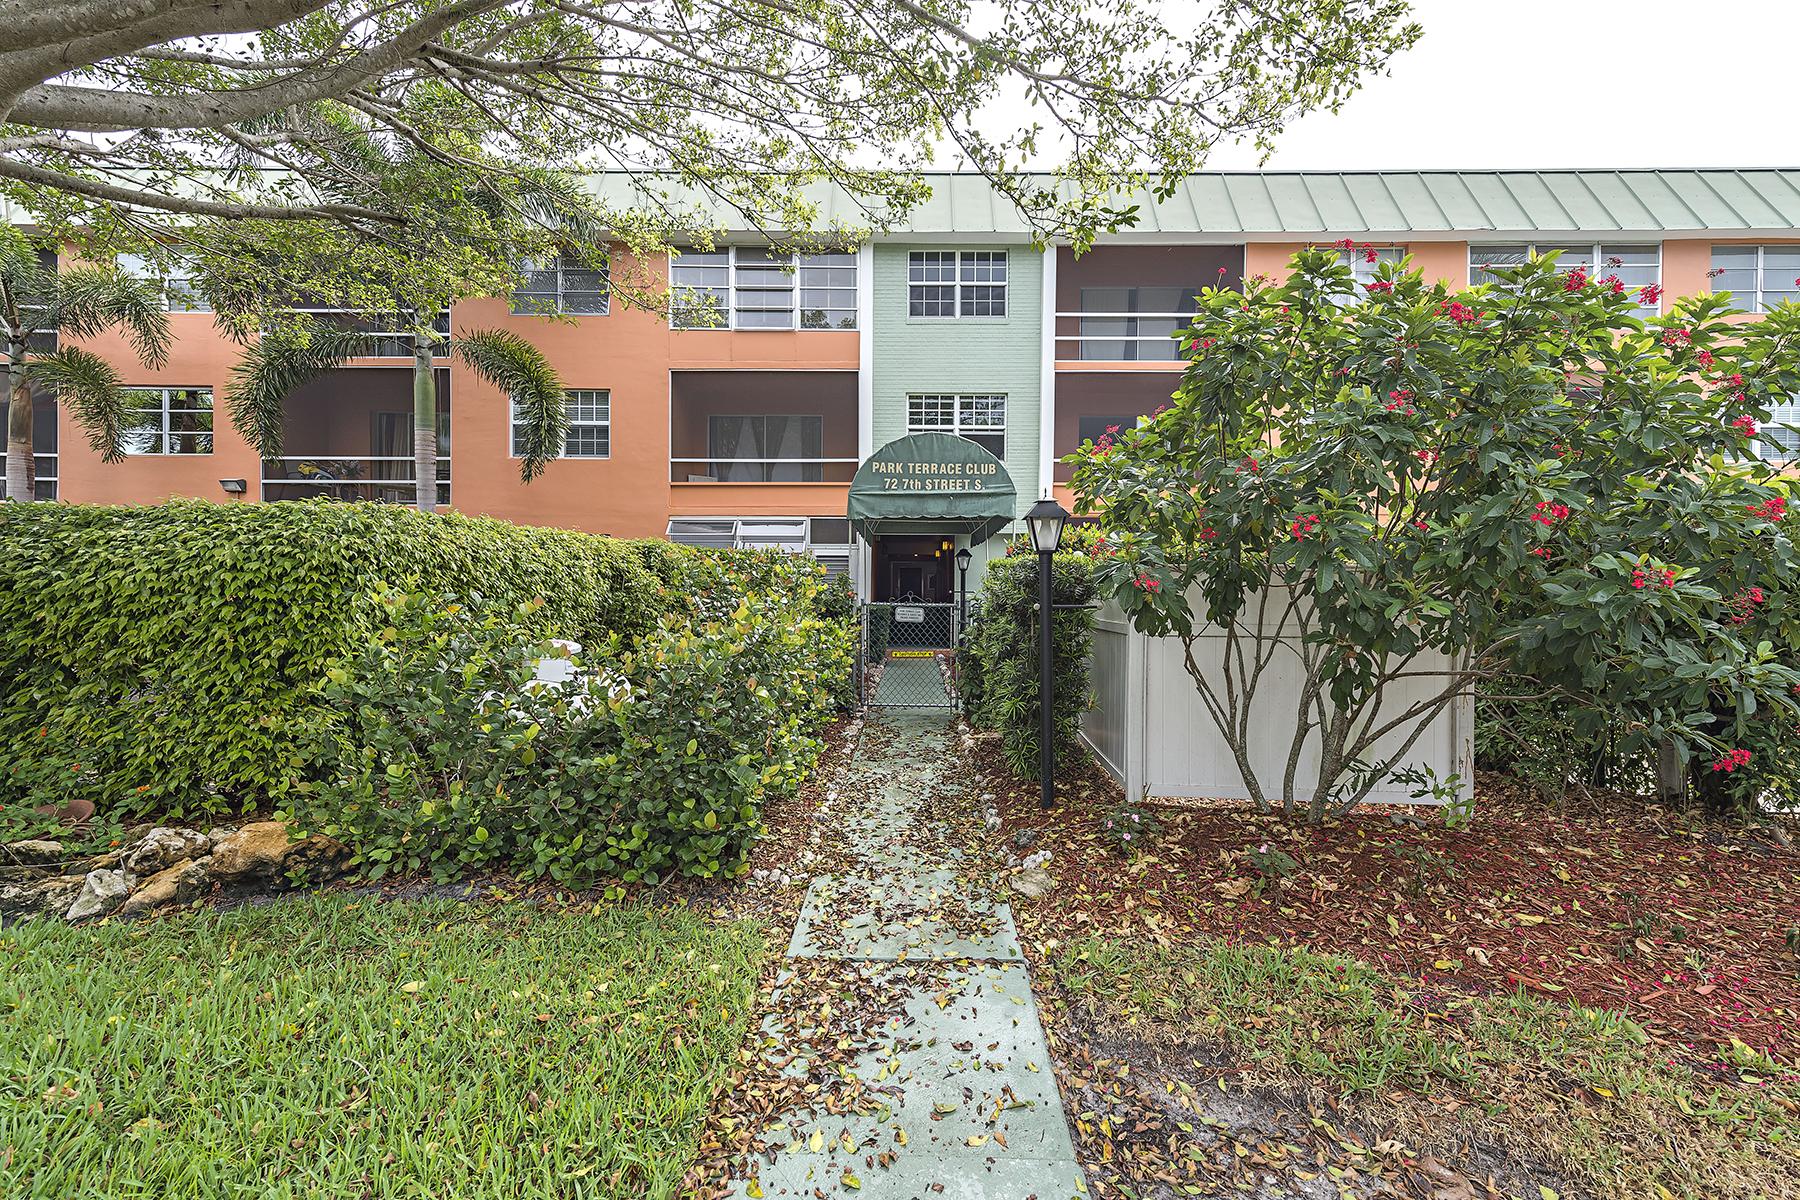 共管式独立产权公寓 为 销售 在 OLDE NAPLES - PARK TERRACE 72 7th St S 202 Naples, 佛罗里达州 34102 美国